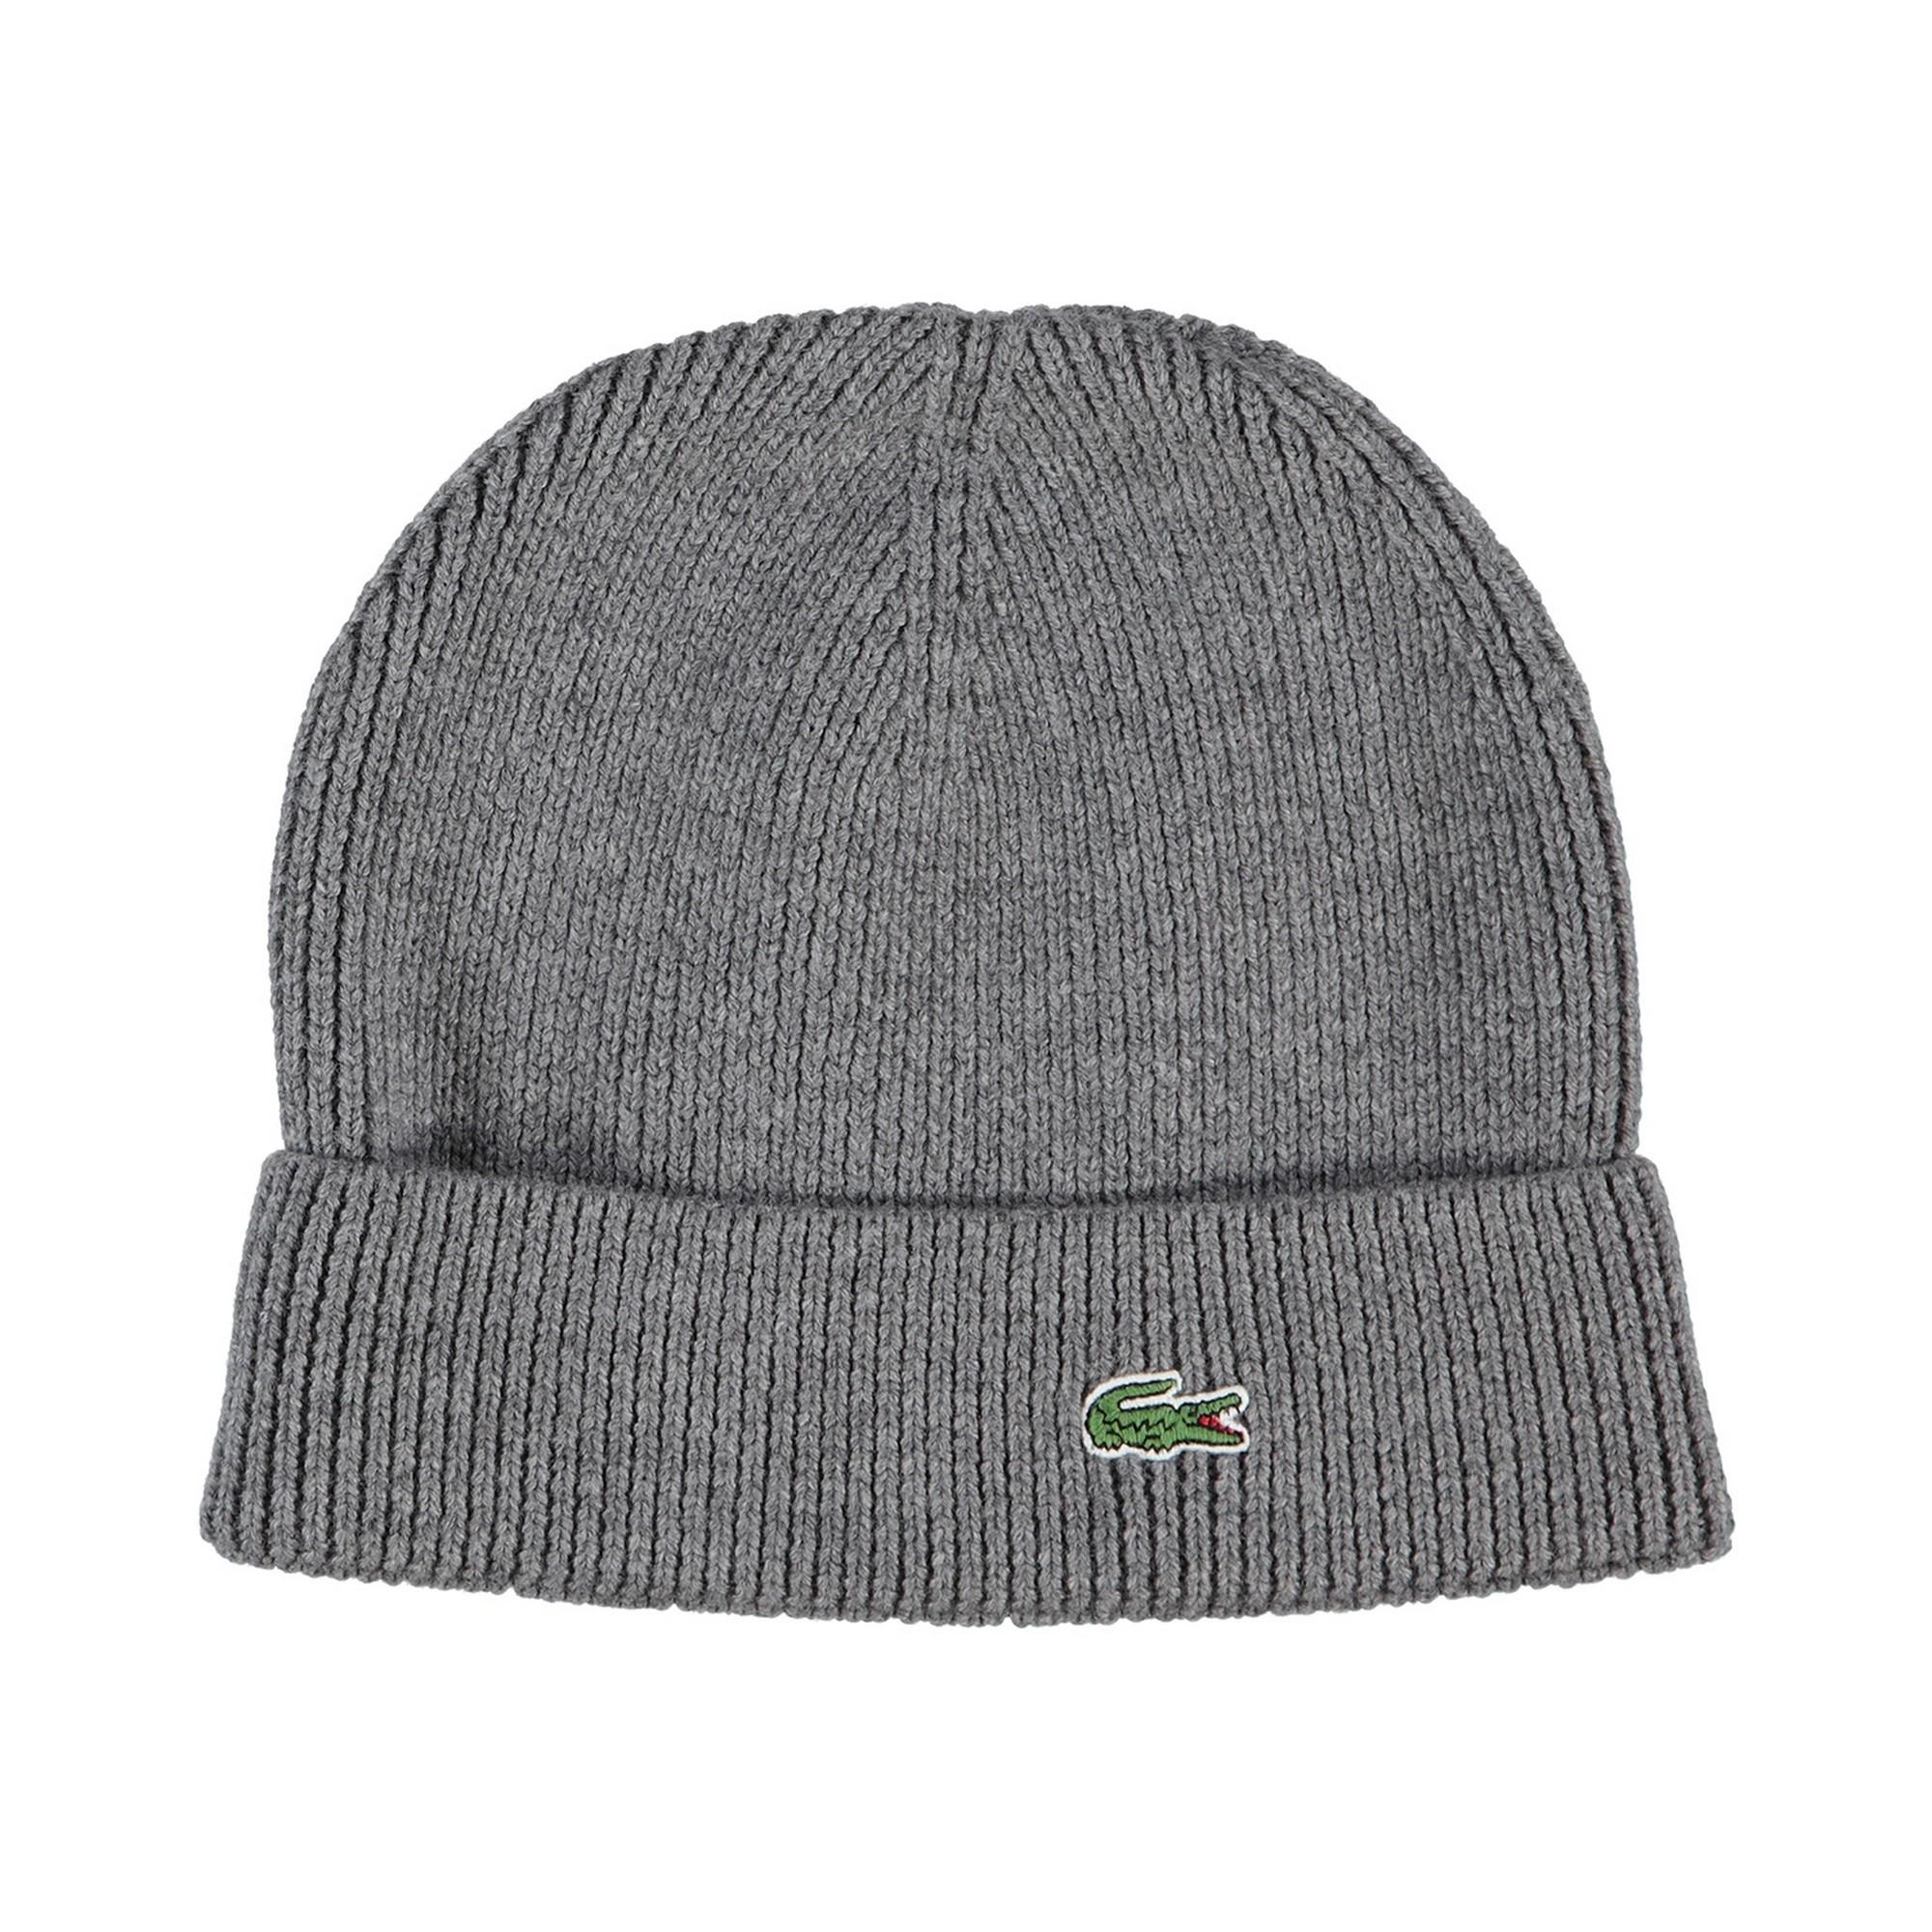 Фото - Вязаная шапка Lacoste серого цвета